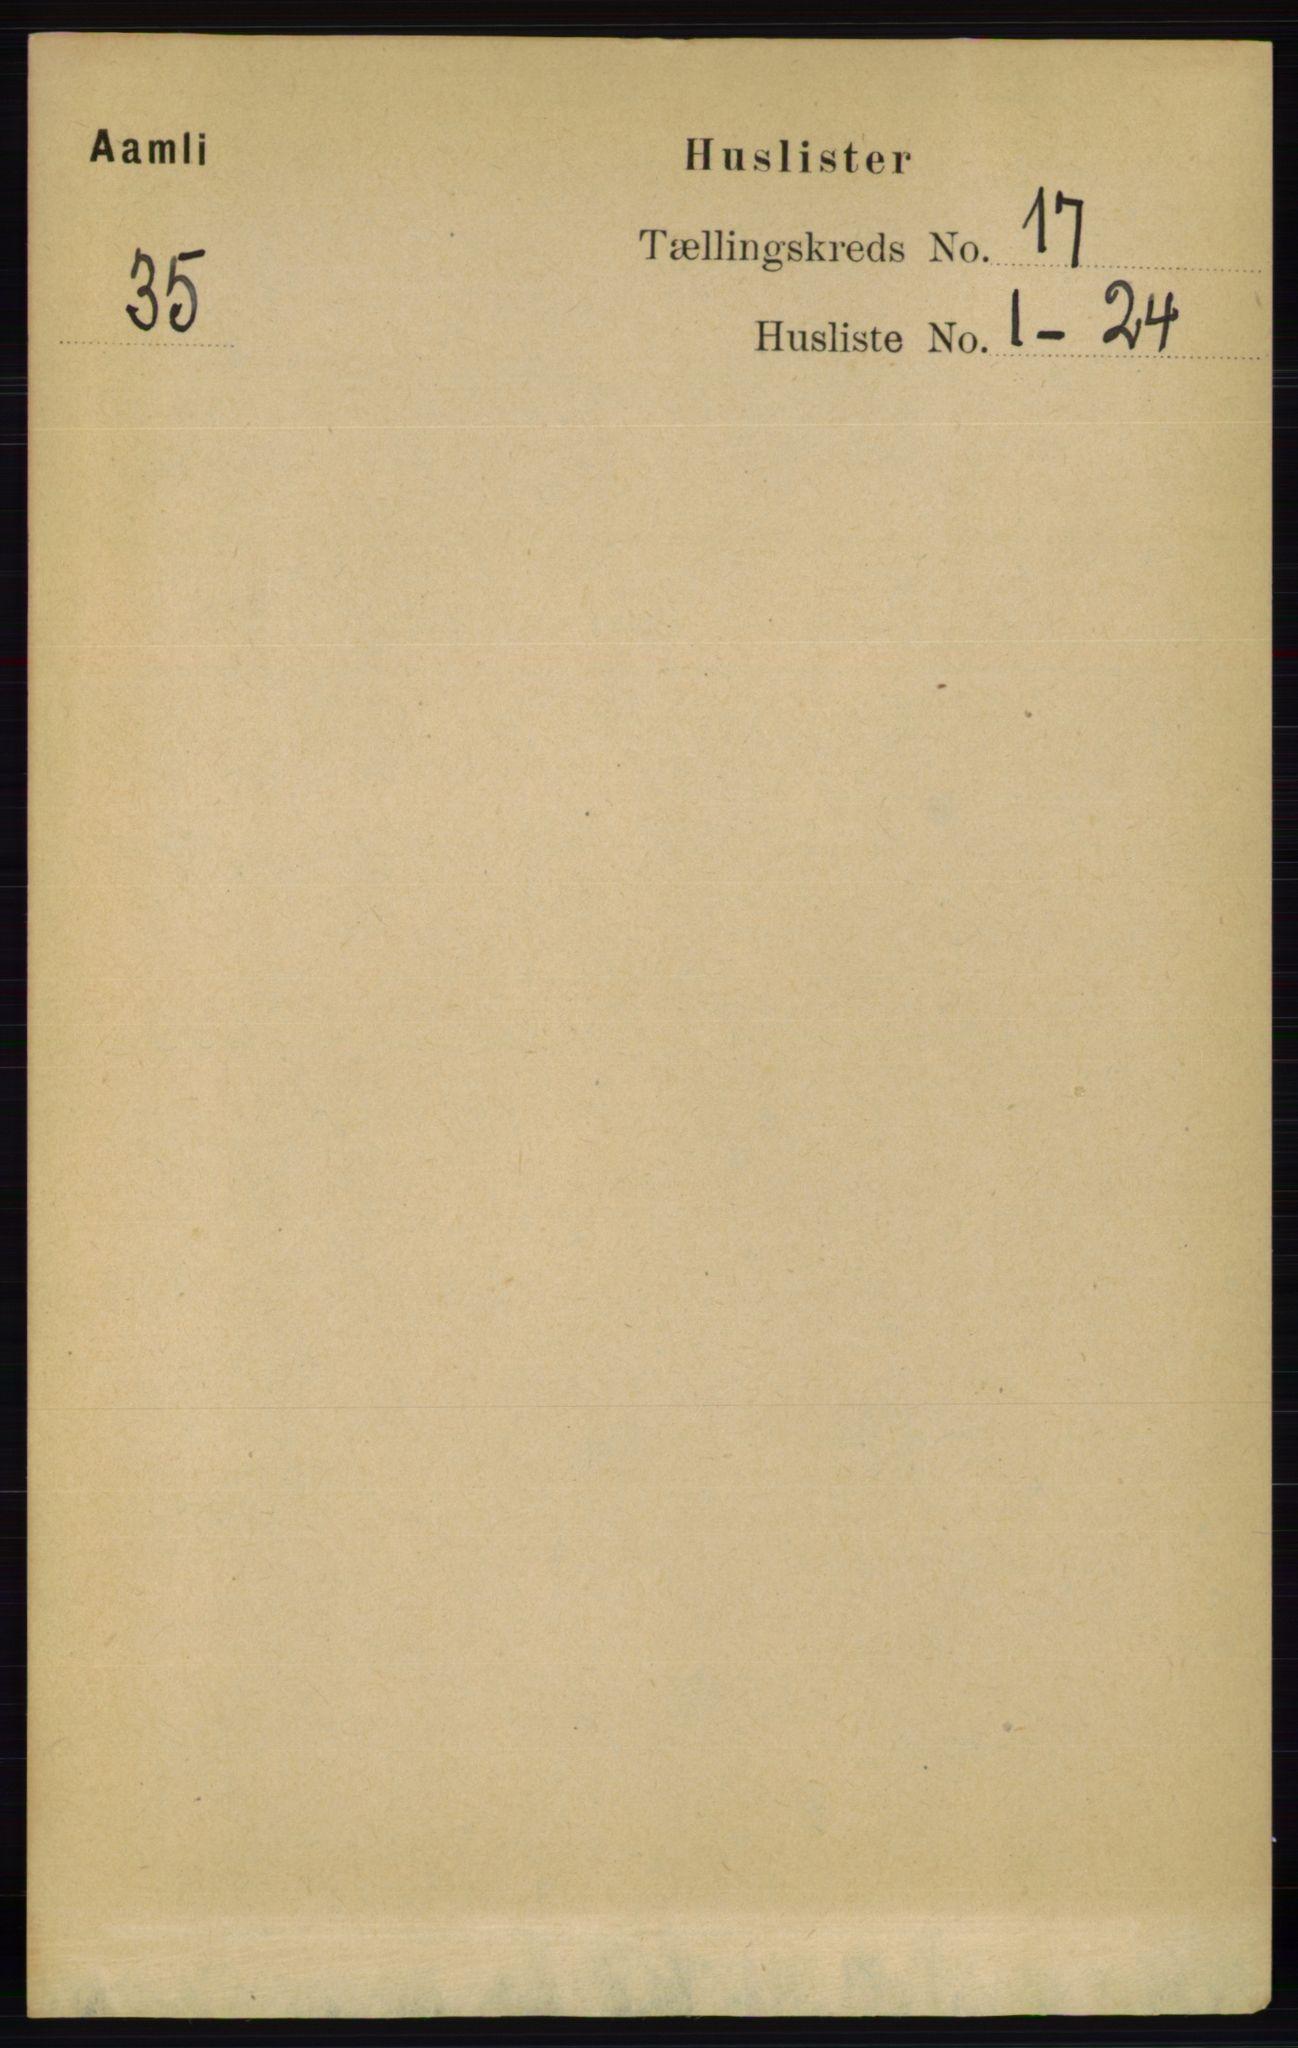 RA, Folketelling 1891 for 0929 Åmli herred, 1891, s. 2775